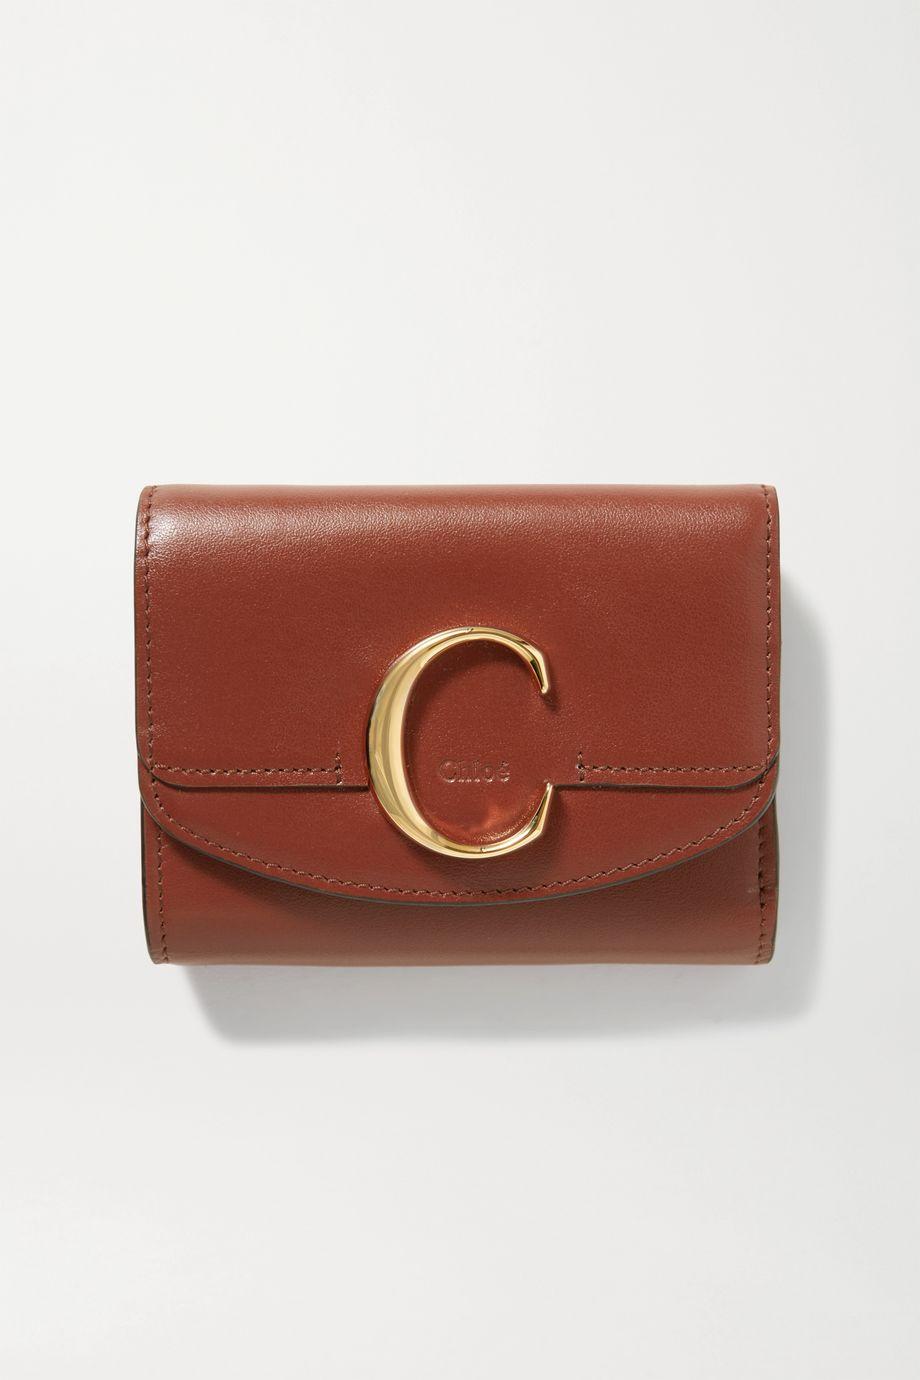 Chloé Chloé C 皮革钱包